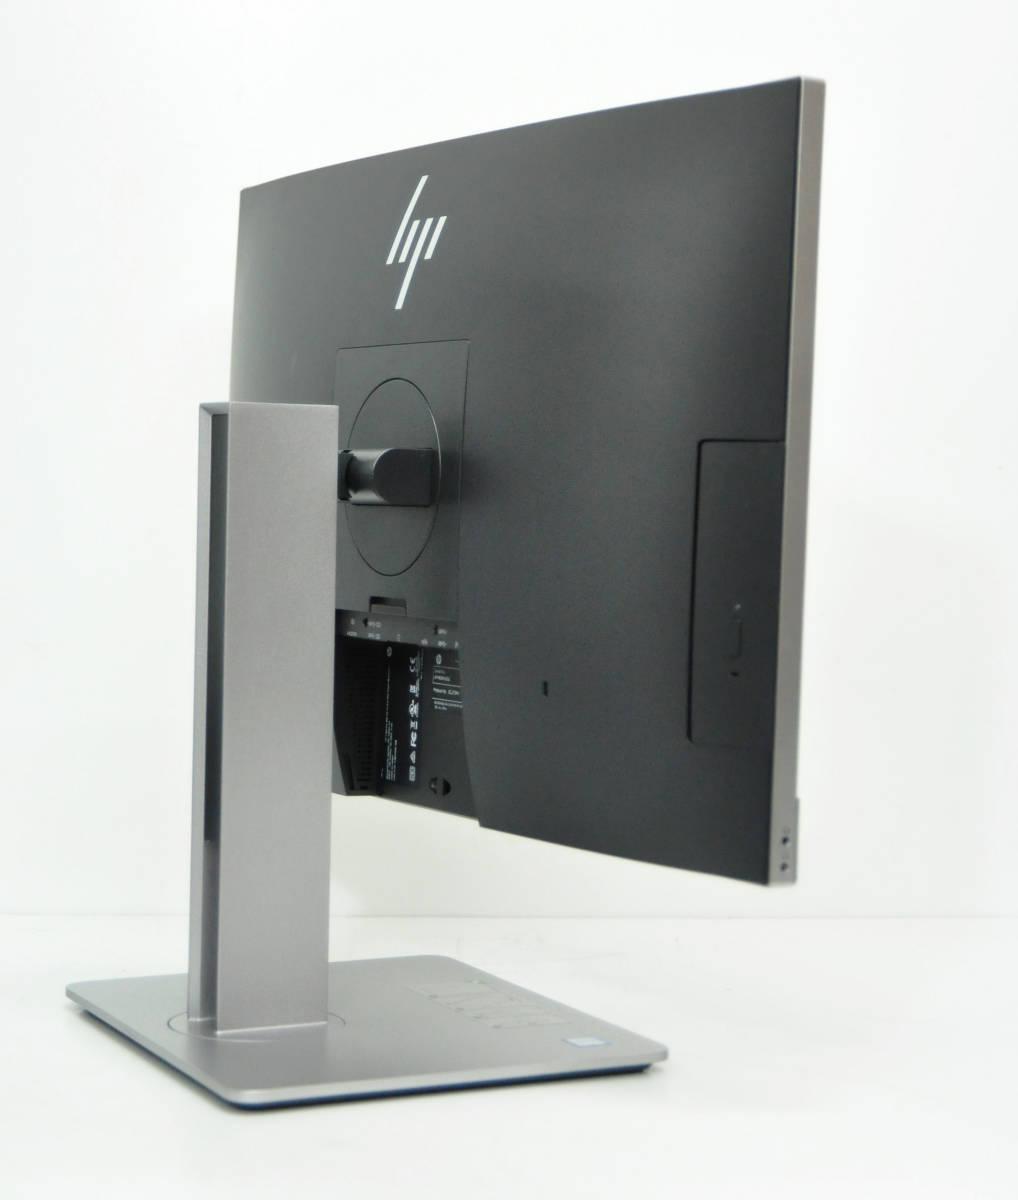 美品 HP EliteOne 800 G4 All-in-One フルHD 一体型 第8世代 Corei5-8500/メモリ8GB/SSD256GB NVMe/カメラ/無線/マルチ/Office2019/Win10. _画像4